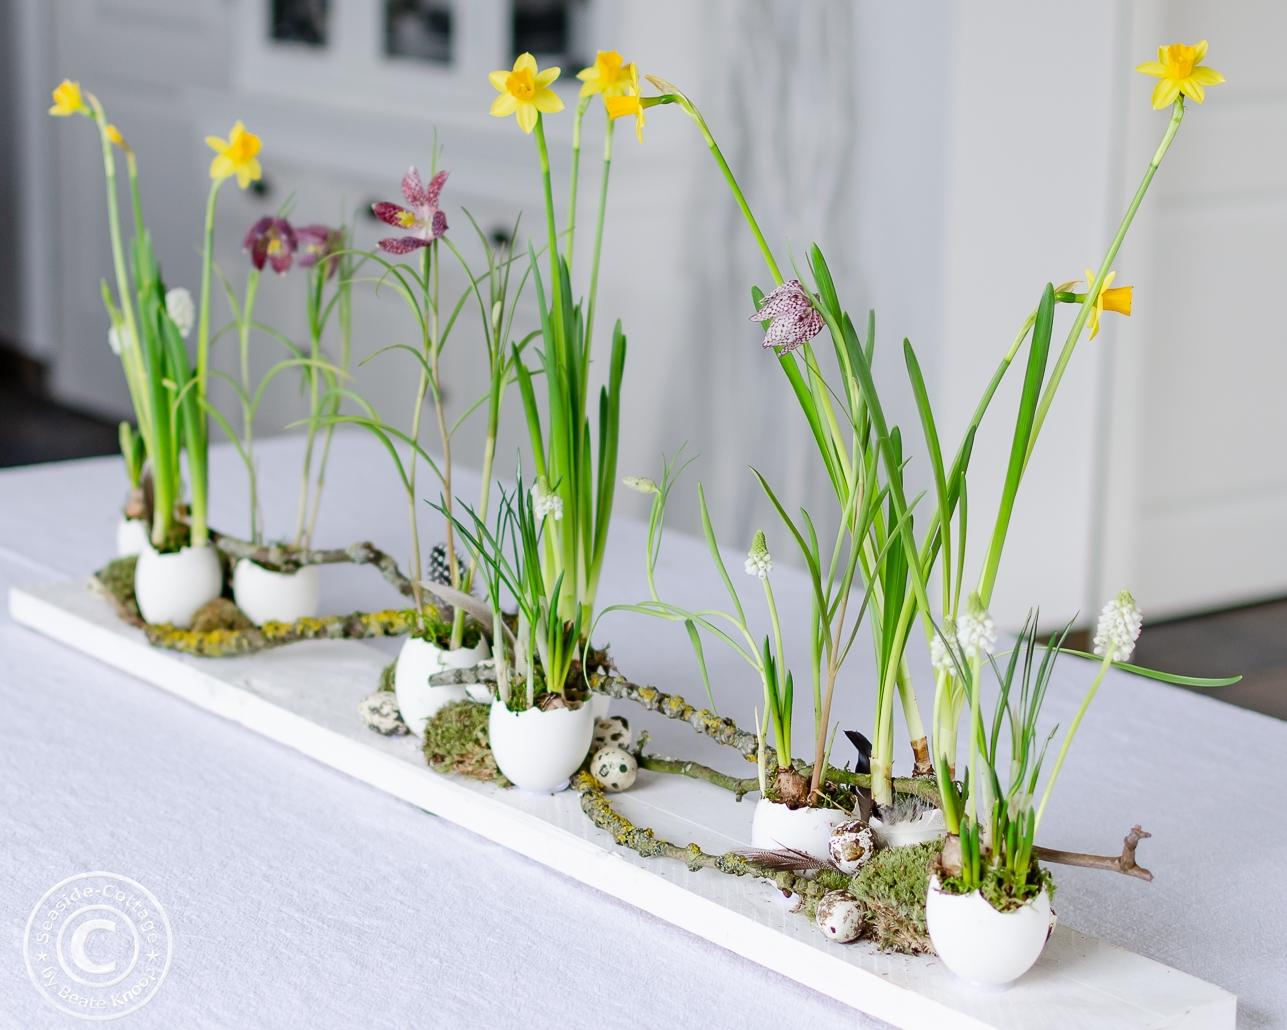 Tischdeko zu Ostern: Gänseeier auf einem Brett mit Eiern beklebt und mit Frühlingsblumen gefüllt